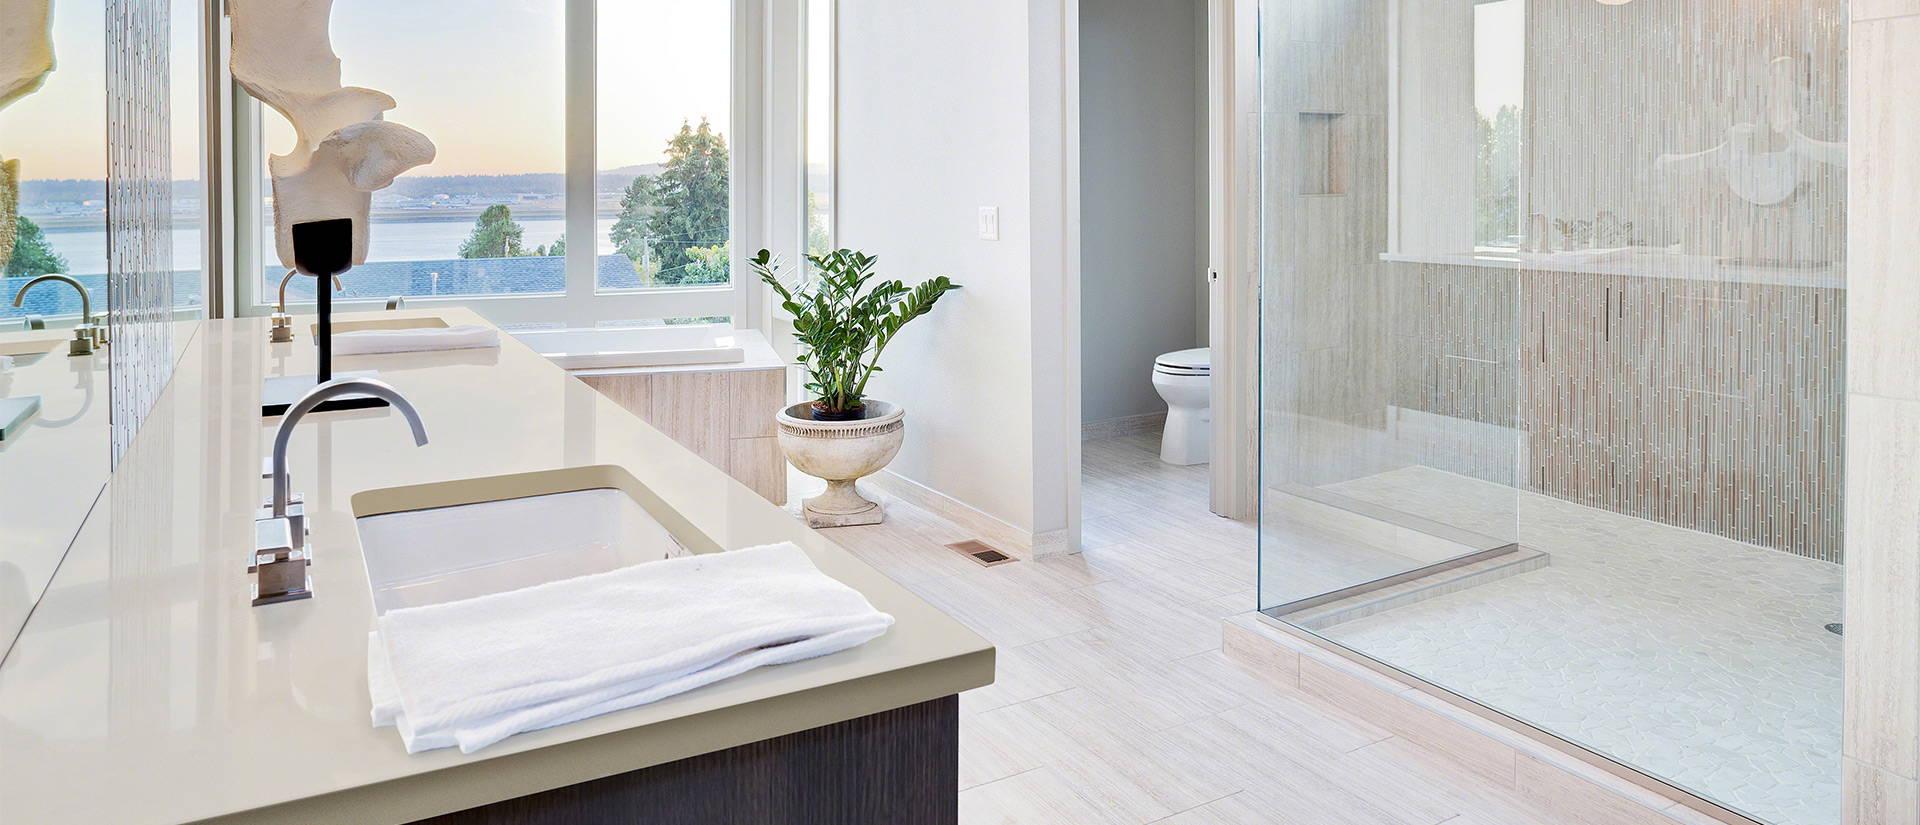 gray quartz for bathroom